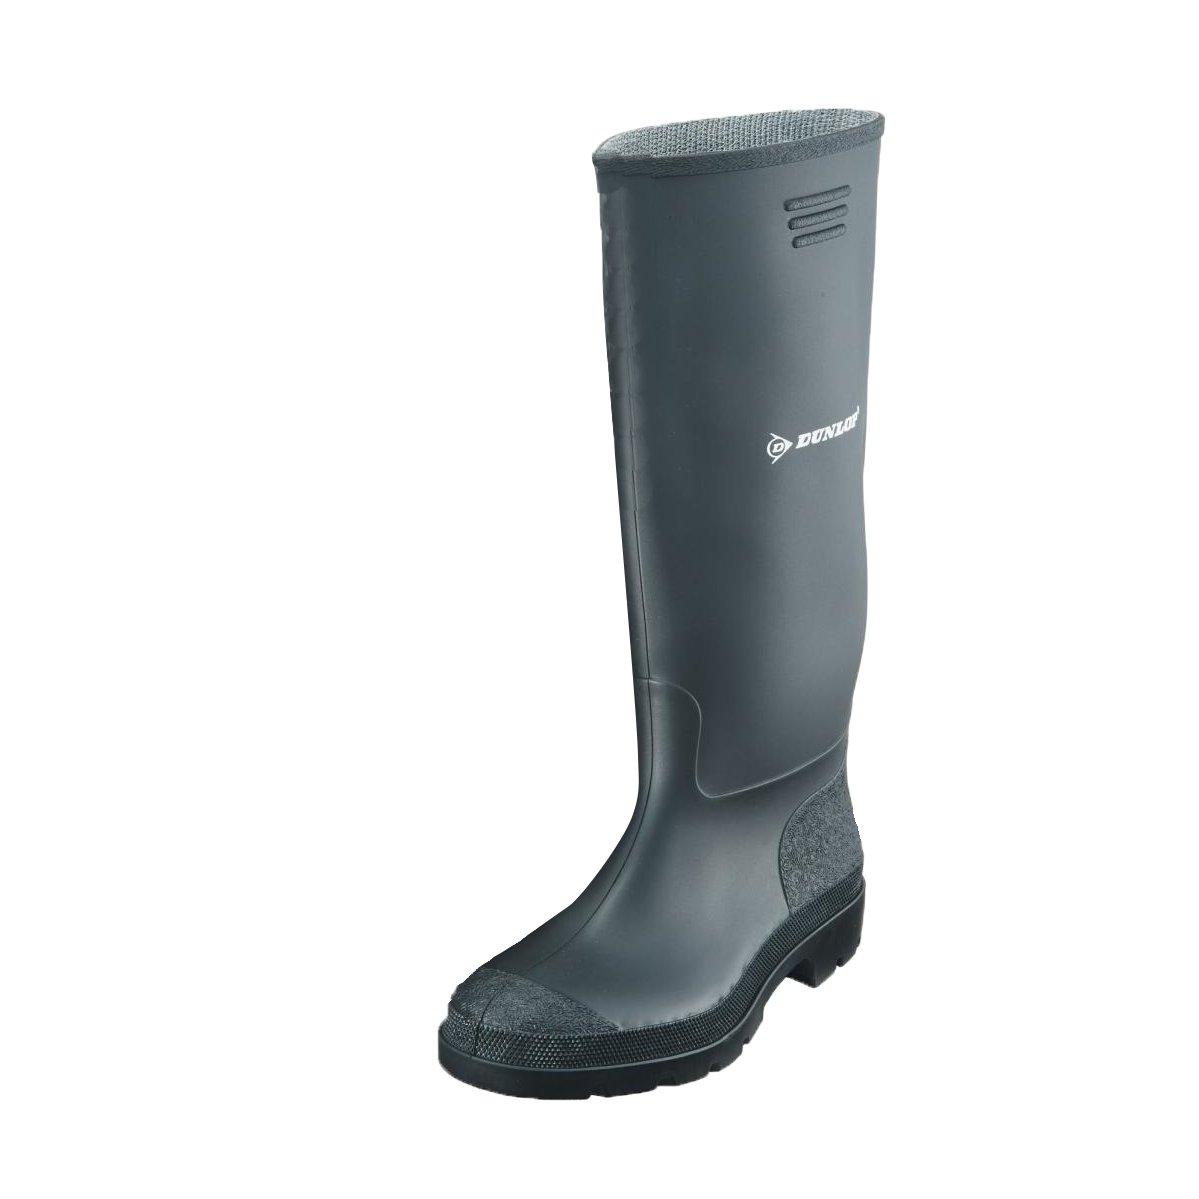 G Dunlop Protective Footwear Unisex-erwachsene Pricemastor Arbeitsgummistiefel Arbeitskleidung & -schutz